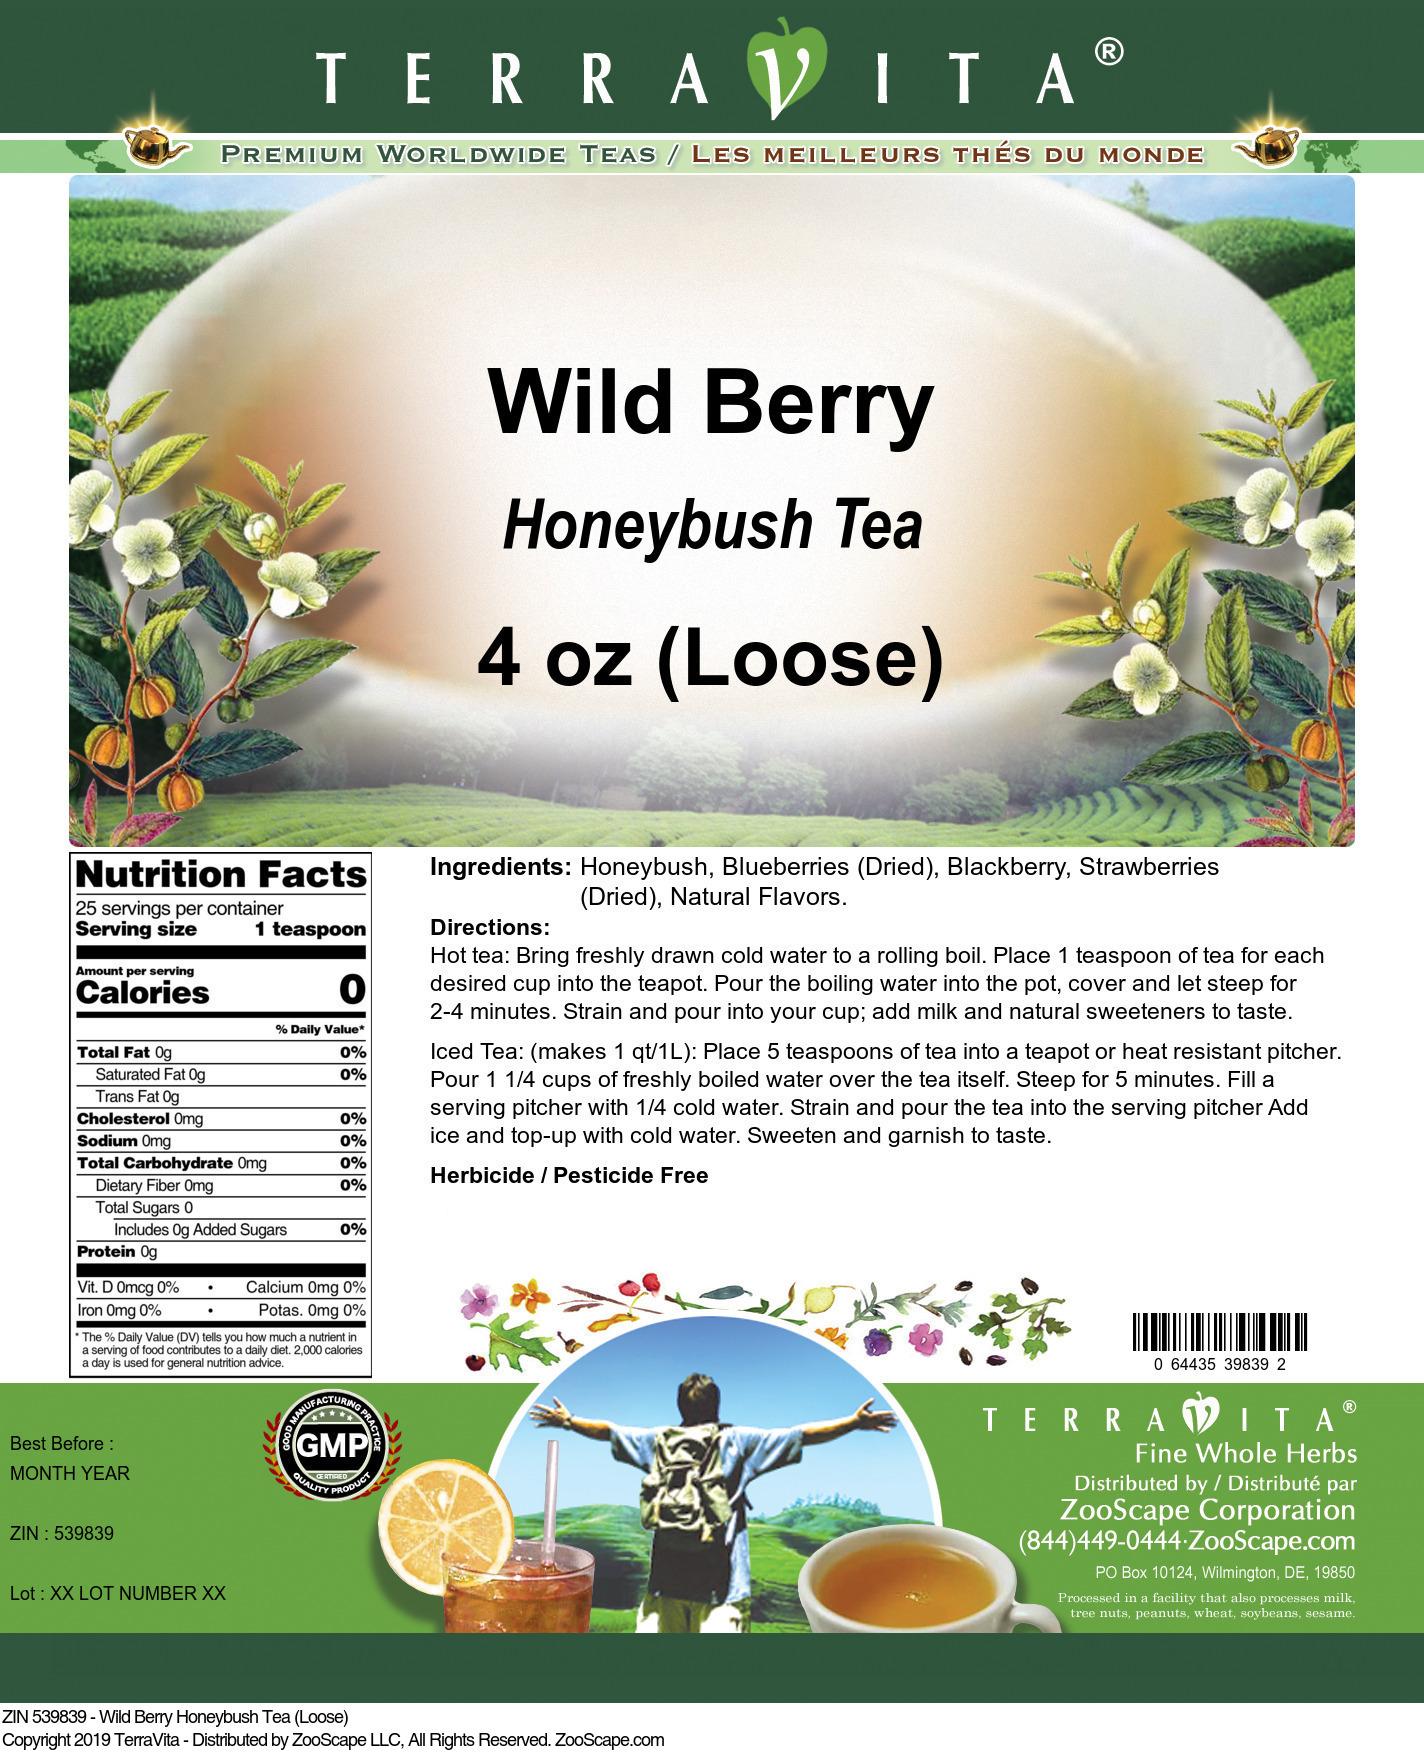 Wild Berry Honeybush Tea